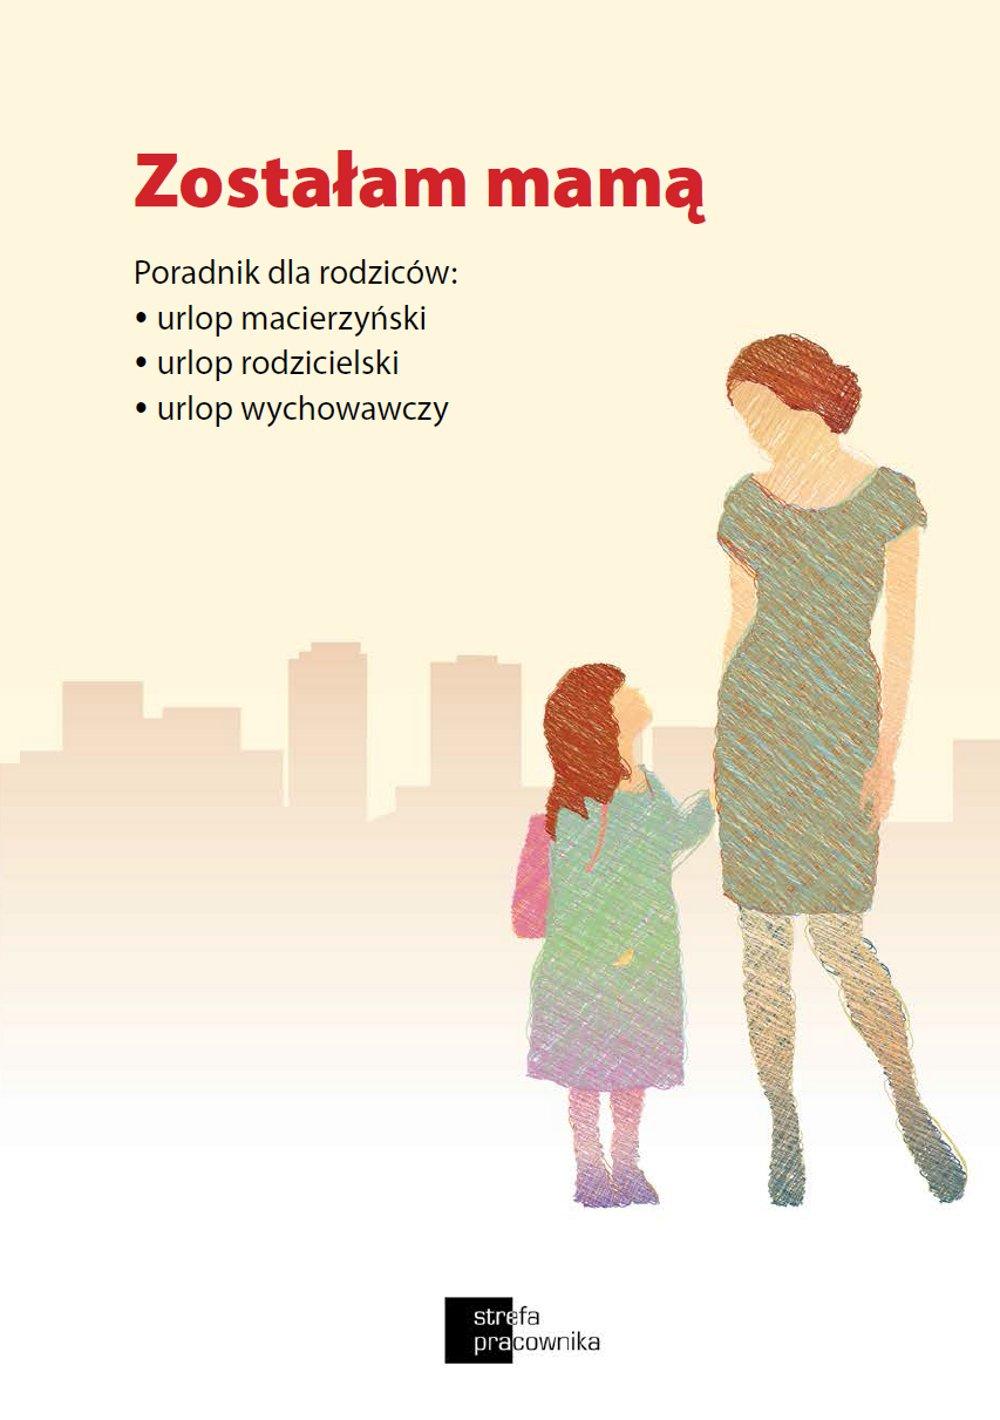 Zostałam mamą. Poradnik dla rodziców: urlop macierzyński, urlop rodzicielski, urlop wychowawczy - Ebook (Książka PDF) do pobrania w formacie PDF